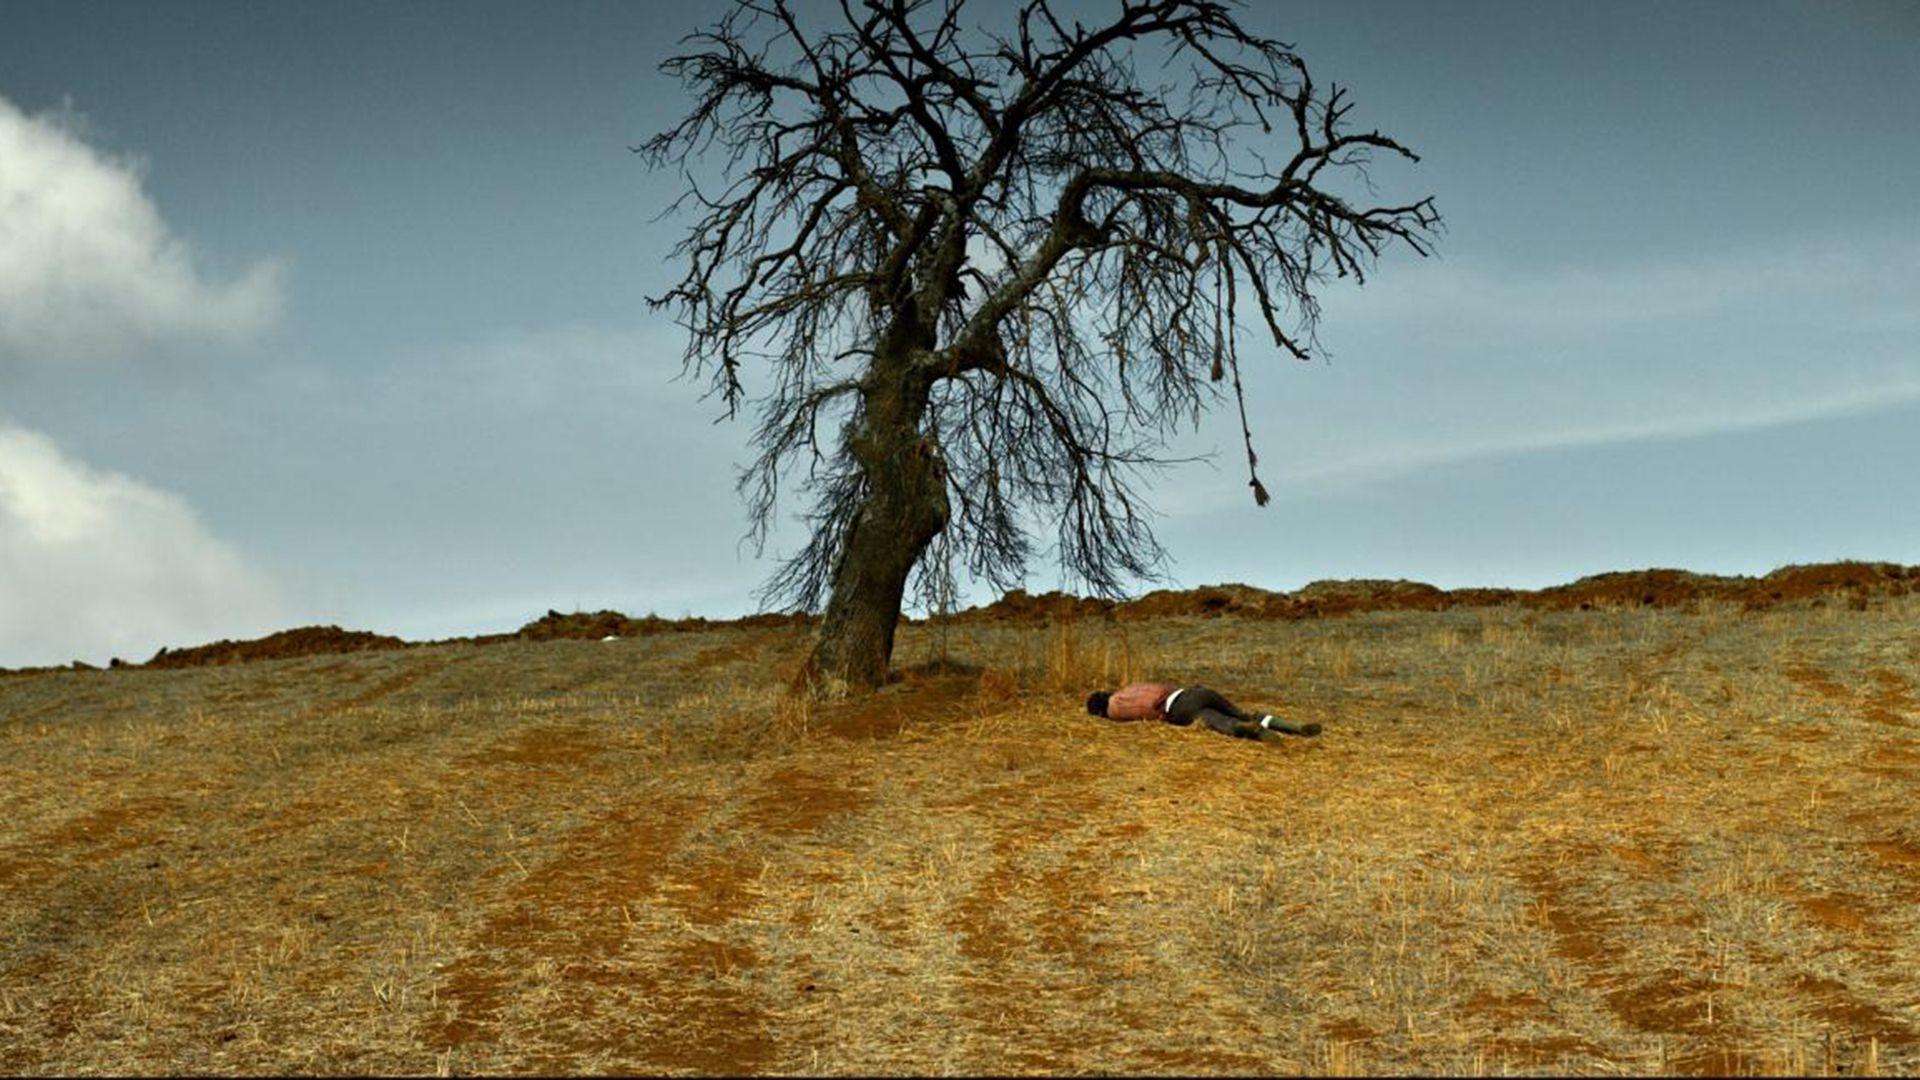 Le Poirier sauvage de Nuri Bilge Ceylan